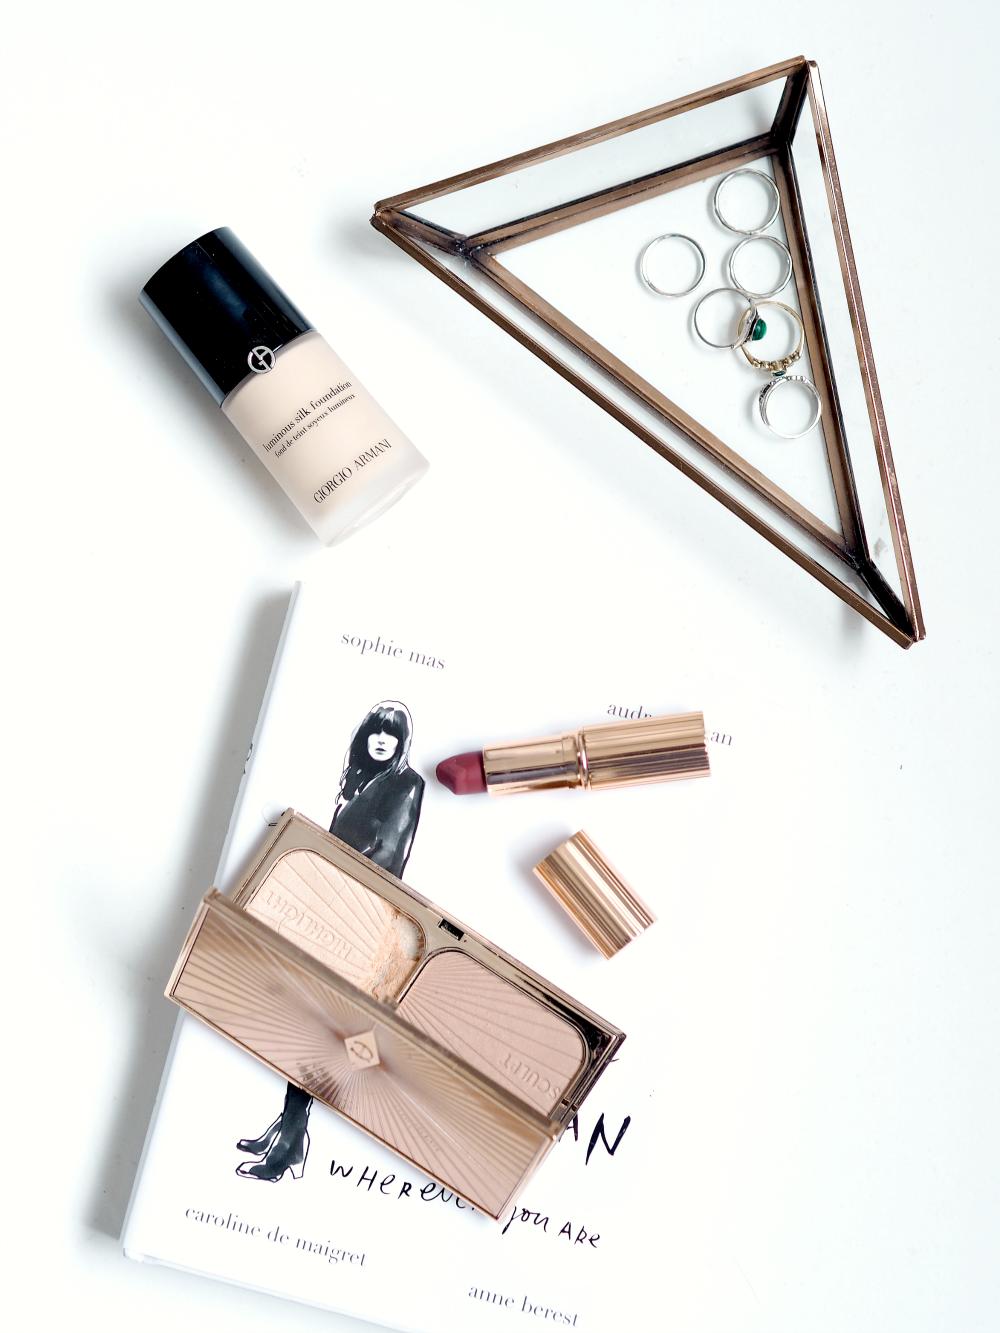 new-beauty-additions-makeup-giorgio-armani-charlotte-tilbury